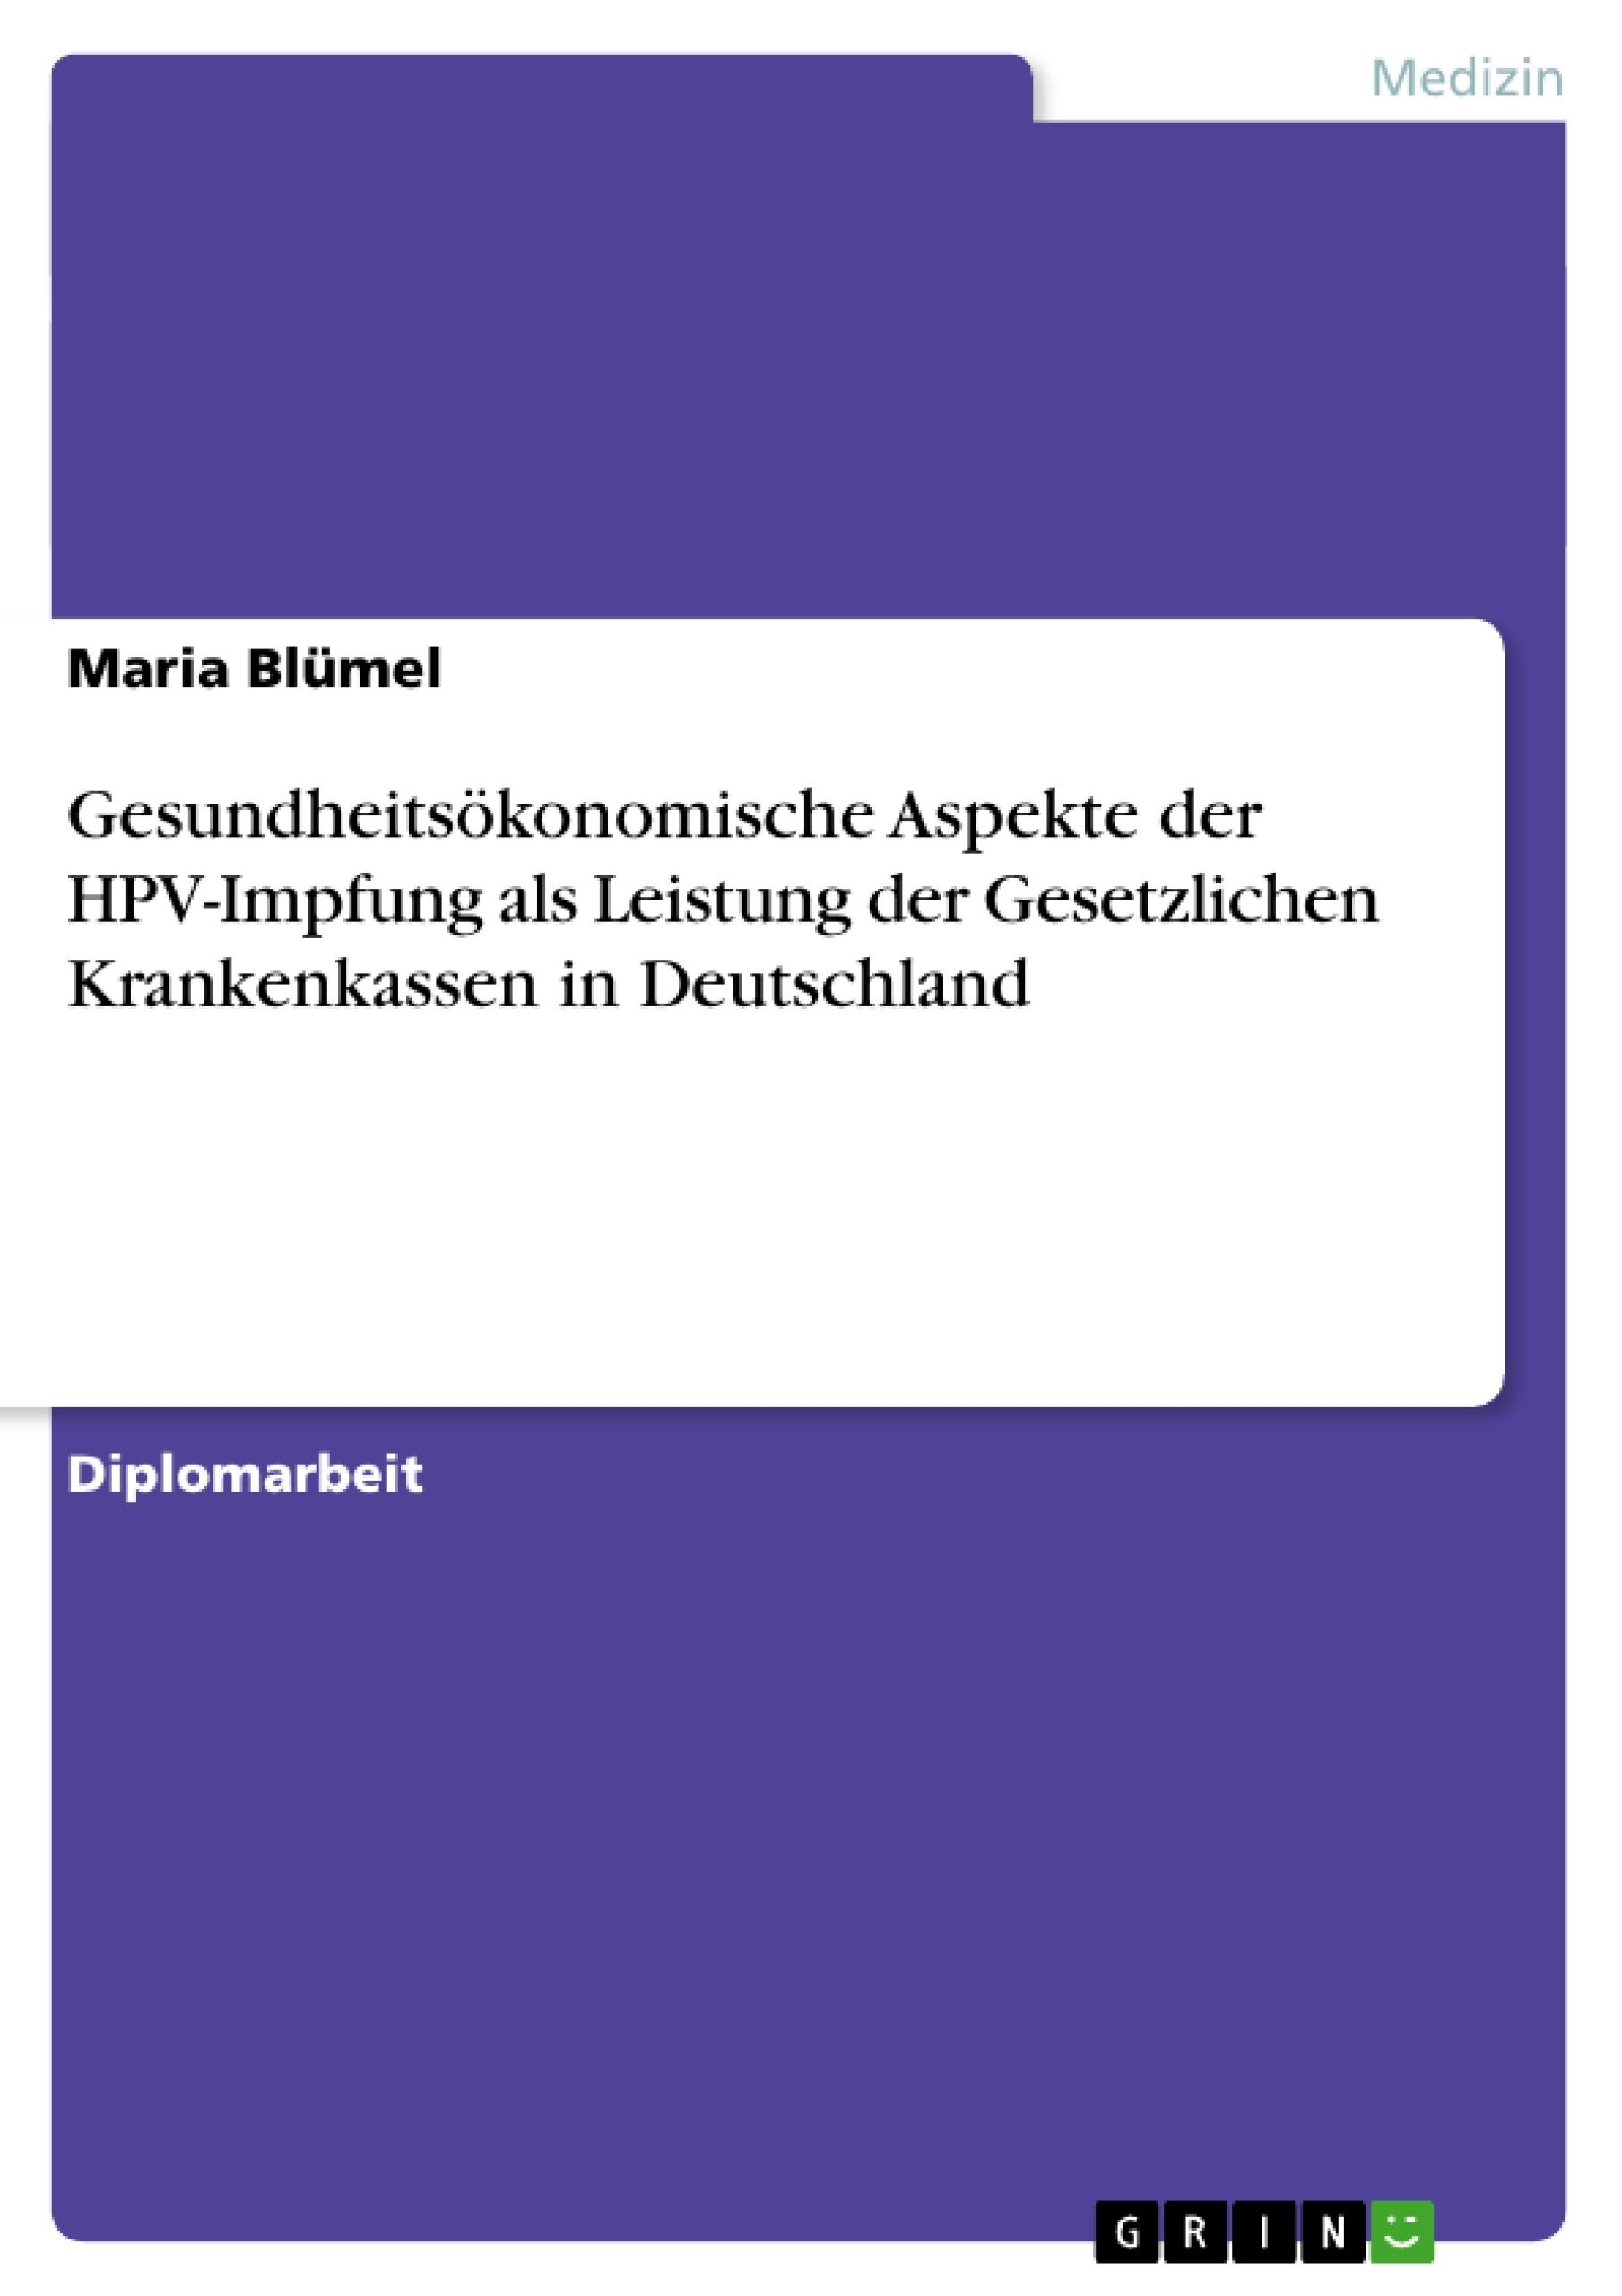 Titel: Gesundheitsökonomische Aspekte der HPV-Impfung als Leistung der Gesetzlichen Krankenkassen in Deutschland